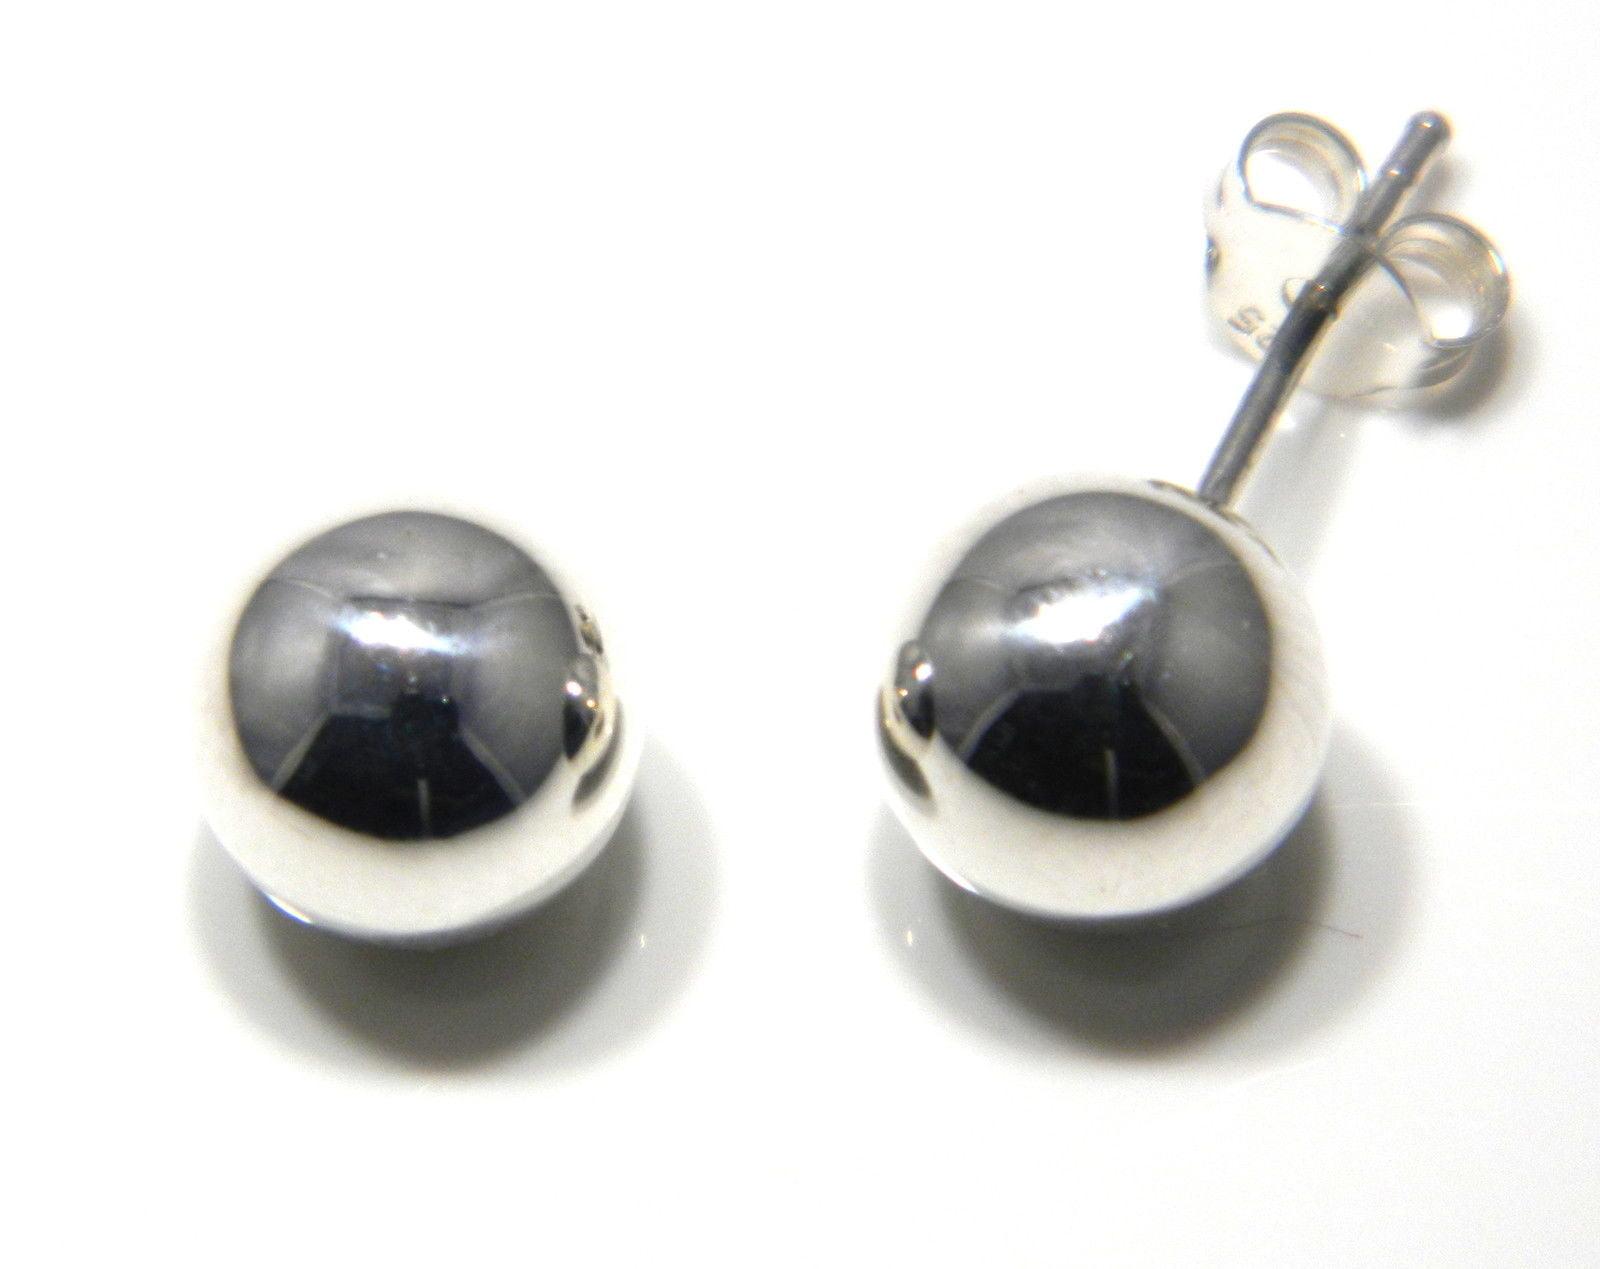 Arranview Jewellery 5 mm Ball Stud Earring - 925 Sterling Silver zIYFpsGfJ